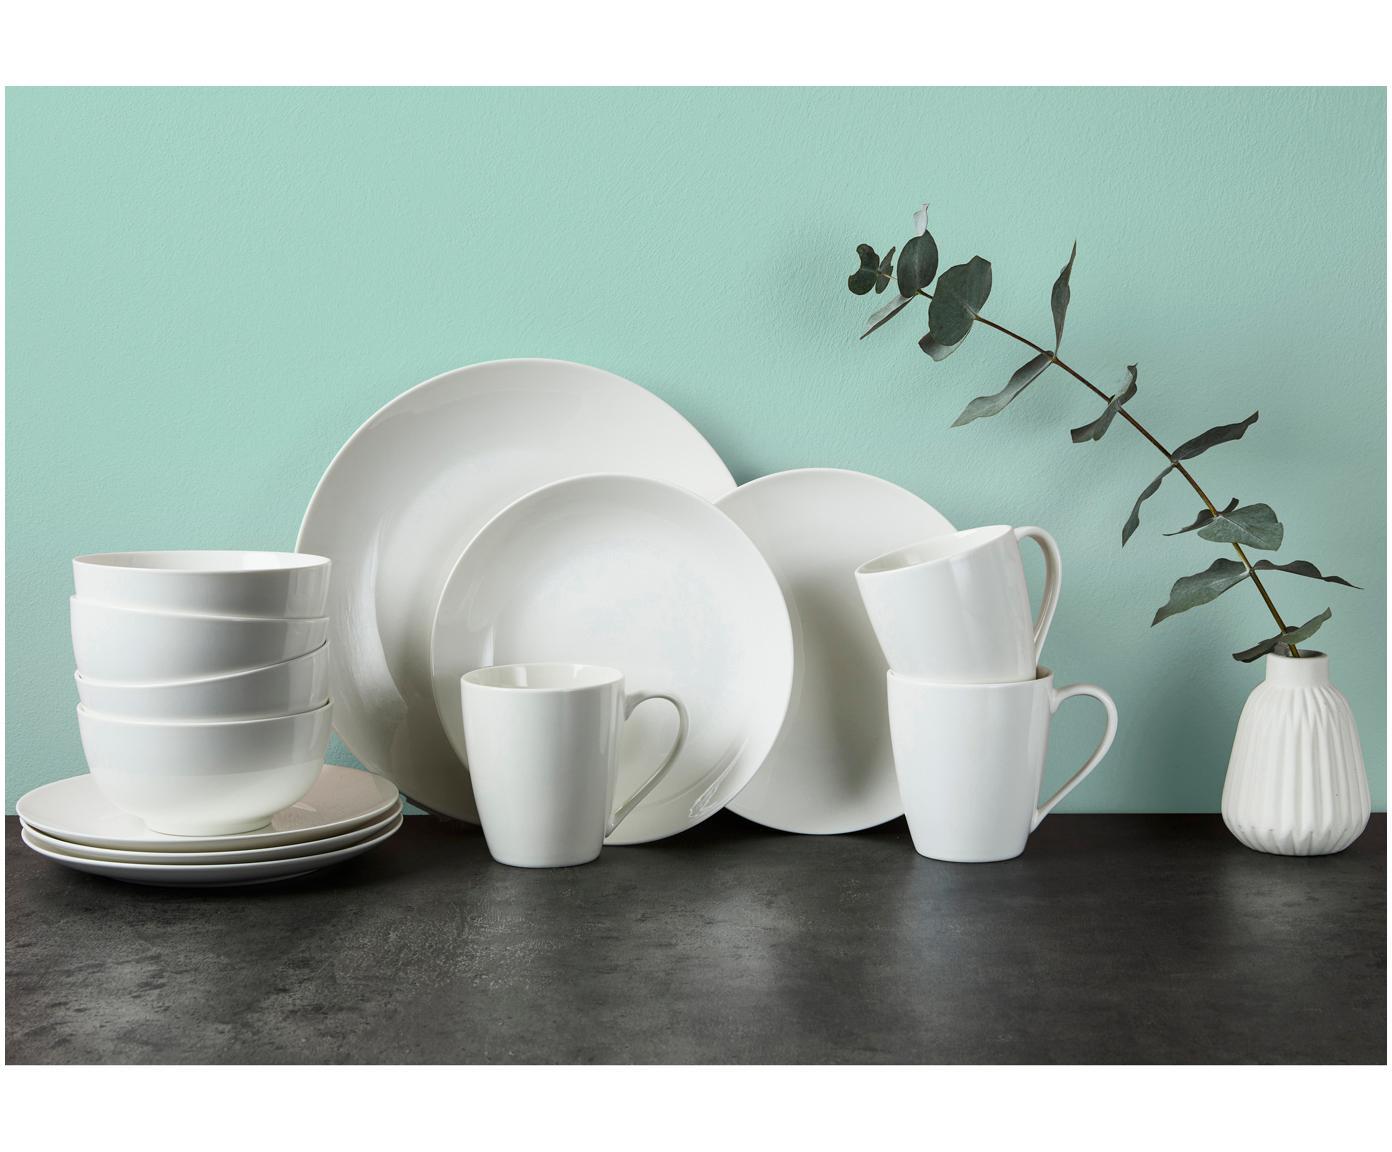 Assiettes creuses en porcelaine Delight Modern, 2pièces, Blanc